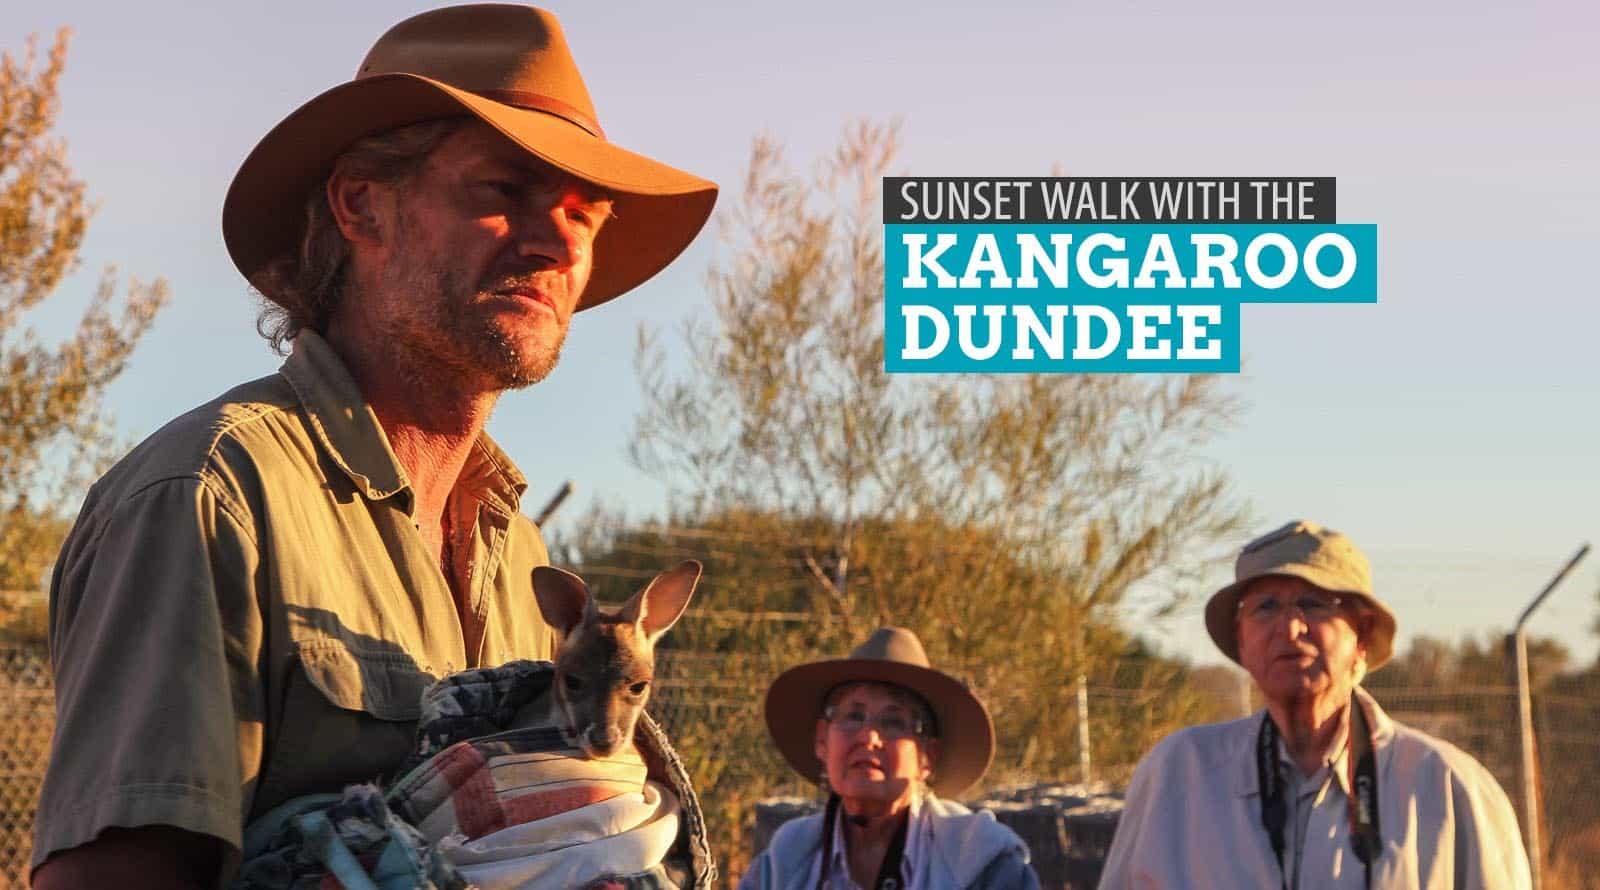 与袋鼠邓迪的夕阳漫步。爱丽斯泉,澳大利亚 | 穷游者的行程安排博客